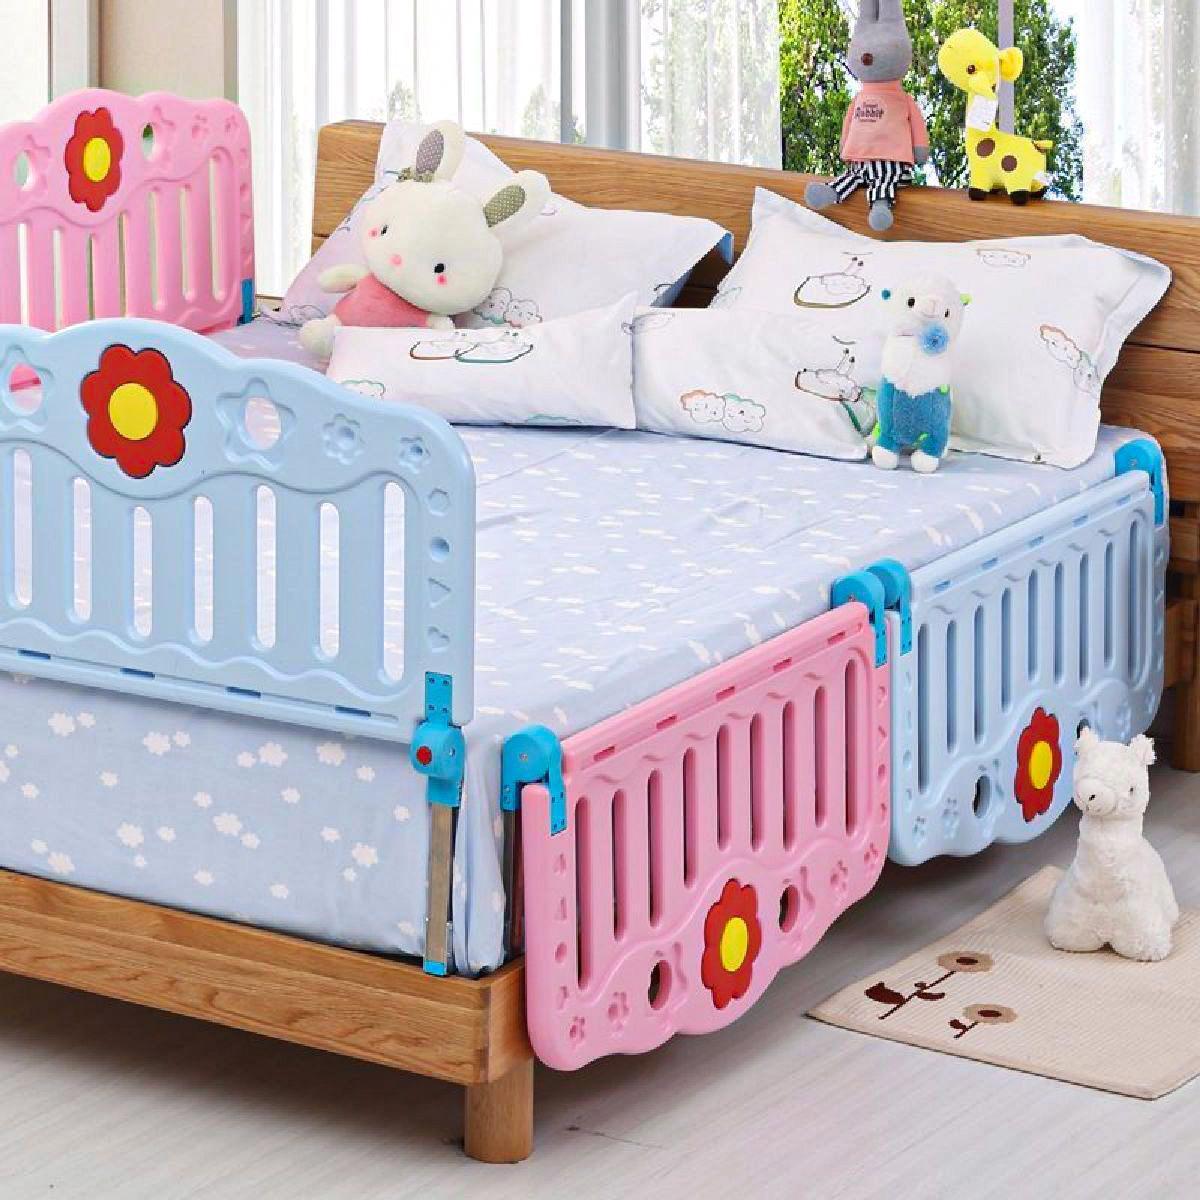 giường ngủ của bé